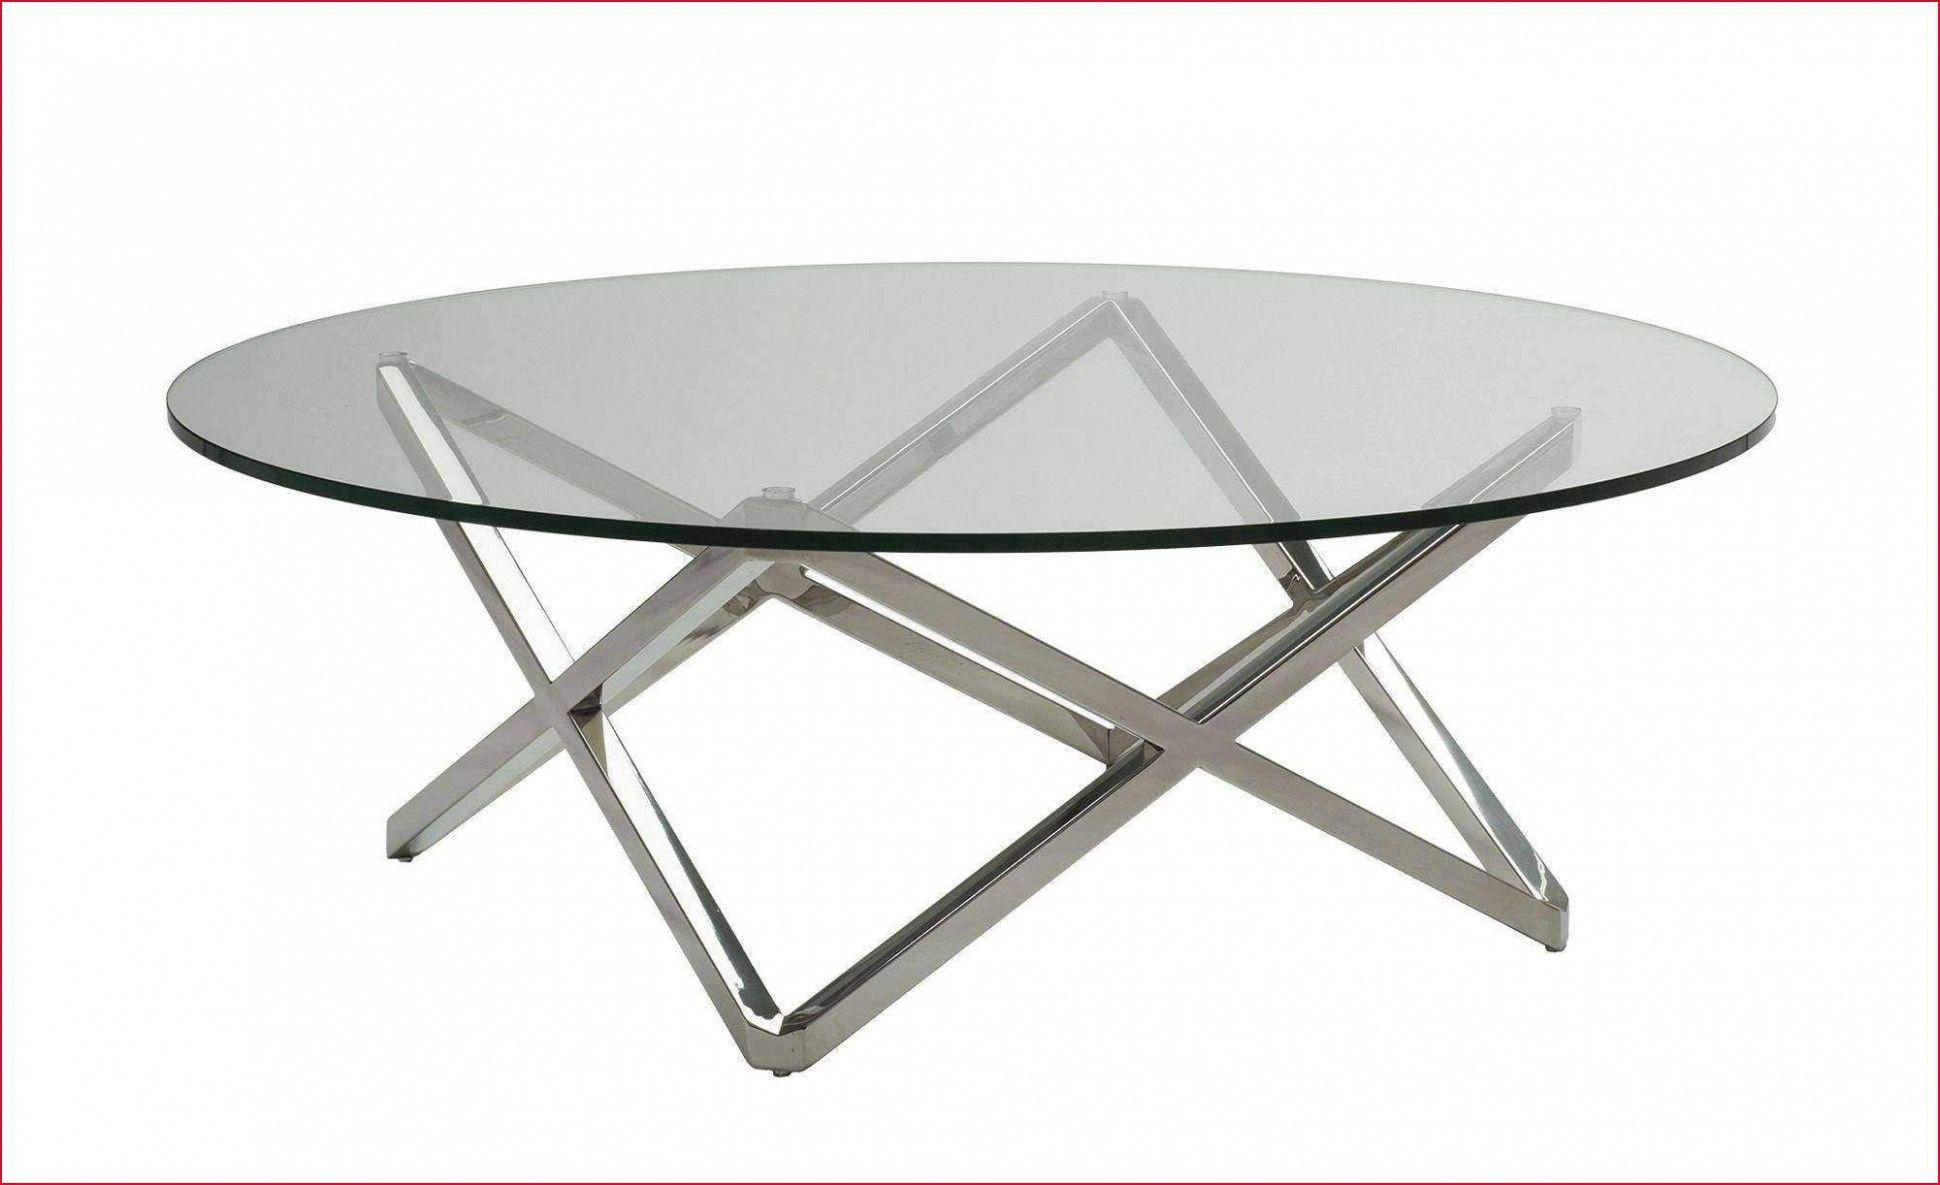 Wood Glass Coffee Table Makeover 10 Haufige Fehler Die Jeder Im Glastisch Wohnzimmer Design Macht In 2020 Couchtisch Oval Glastische Esstisch Holz